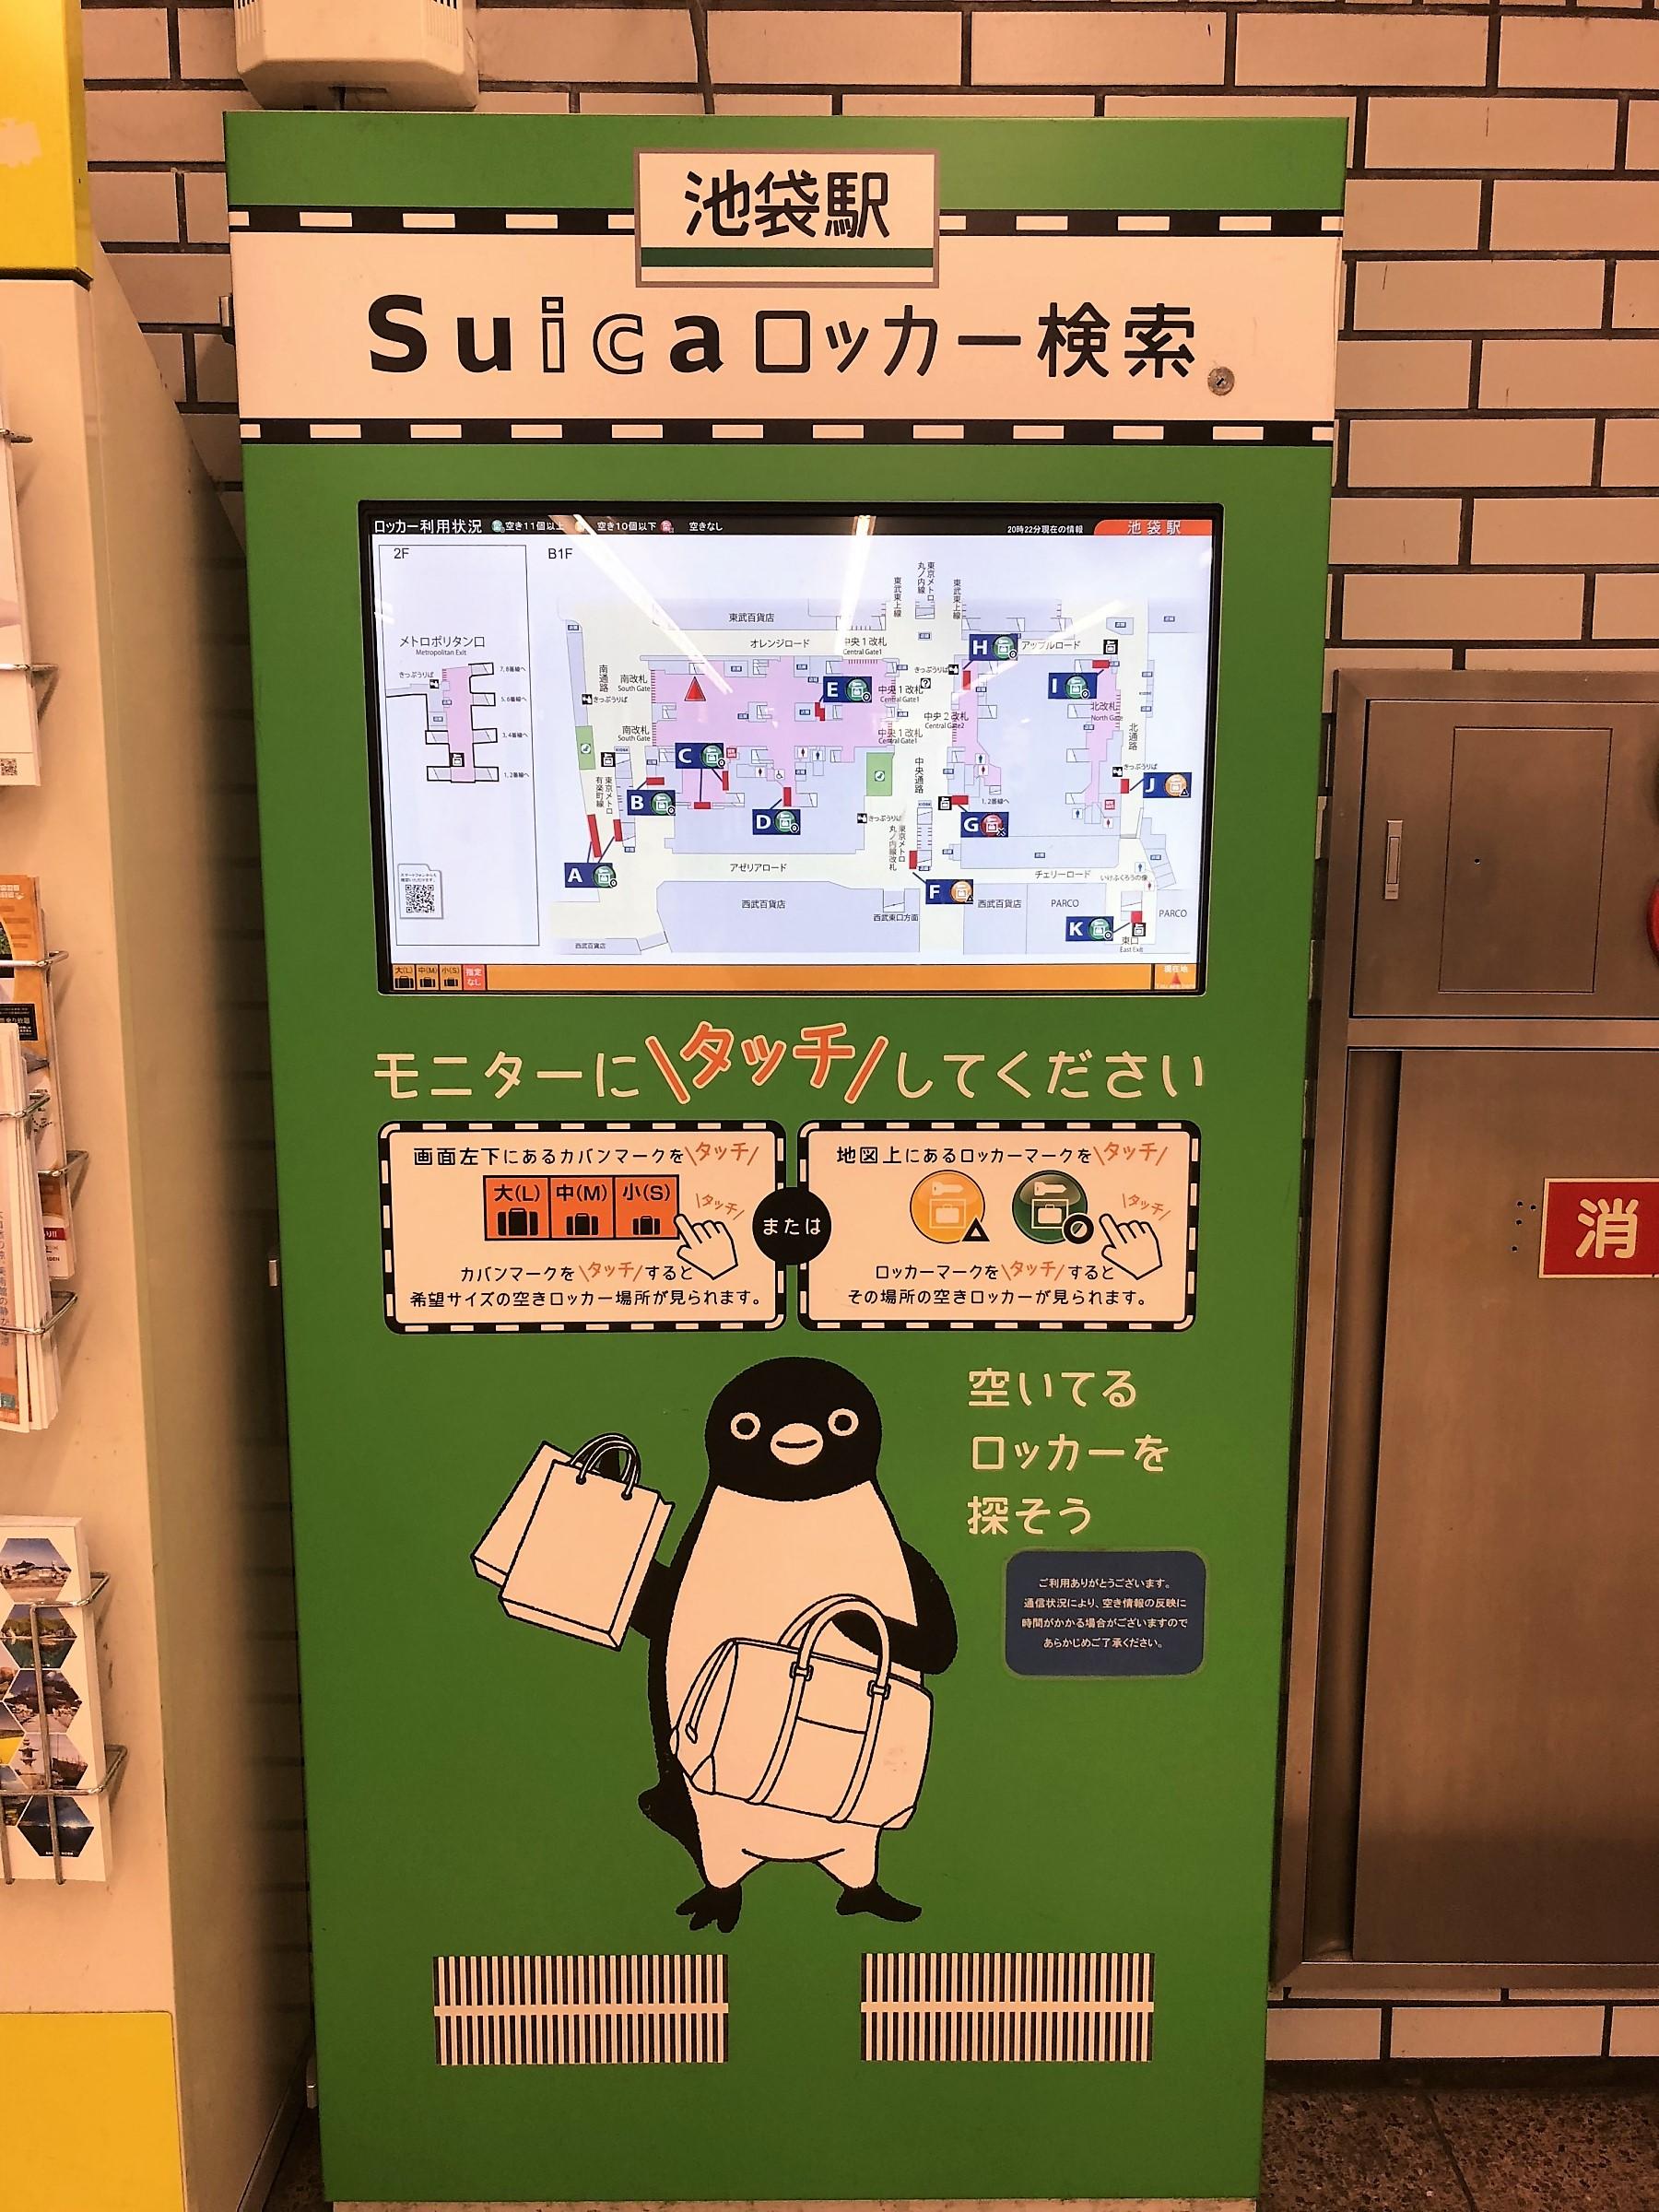 「街」のデジタルサイネージ(池袋編)03_池袋駅Suicaロッカー検索